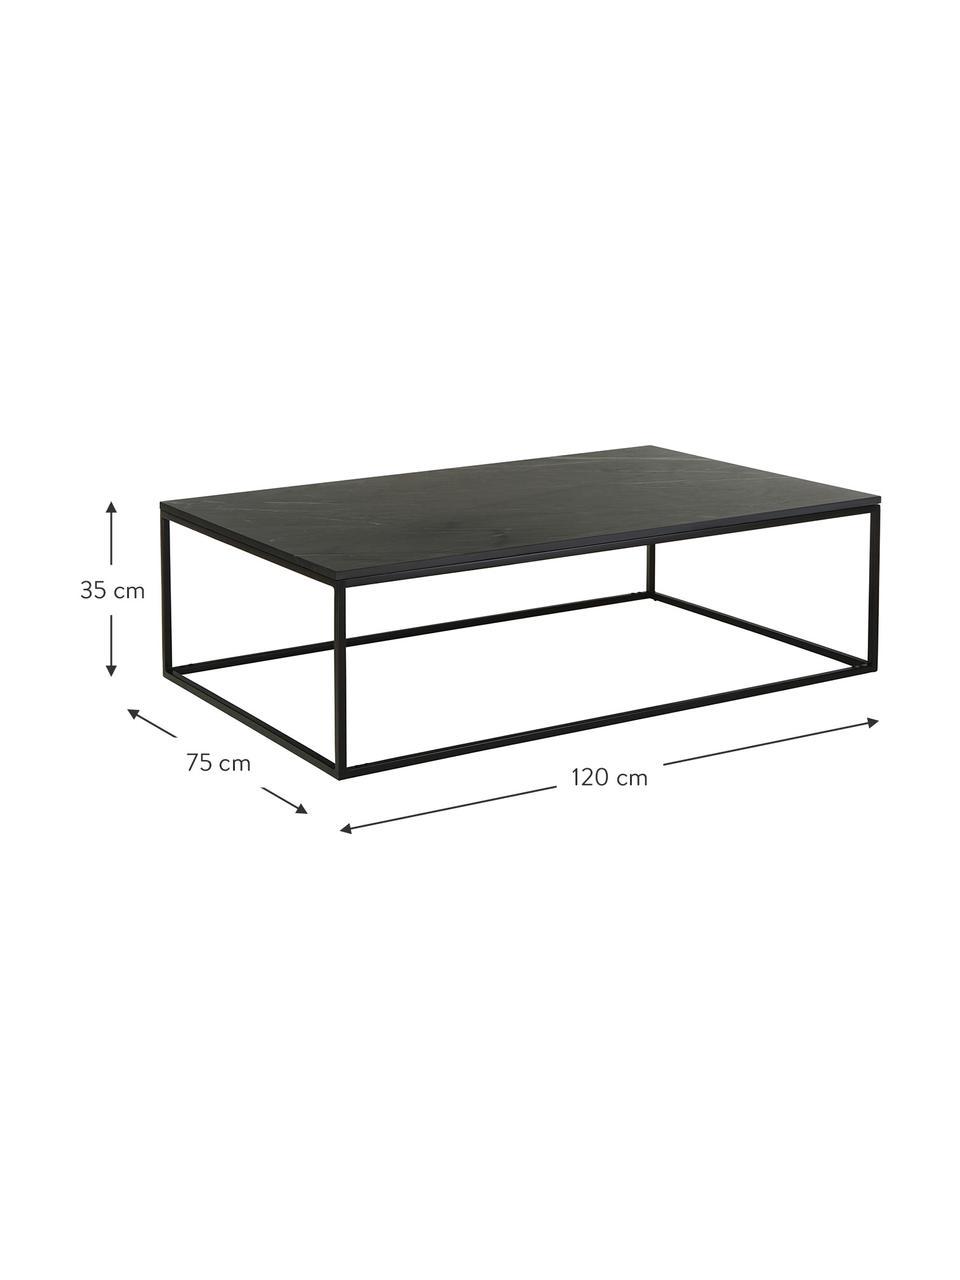 Marmor-Couchtisch Alys, Tischplatte: Marmor, Gestell: Metall, pulverbeschichtet, Schwarzer Marmor, Schwarz, 120 x 35 cm